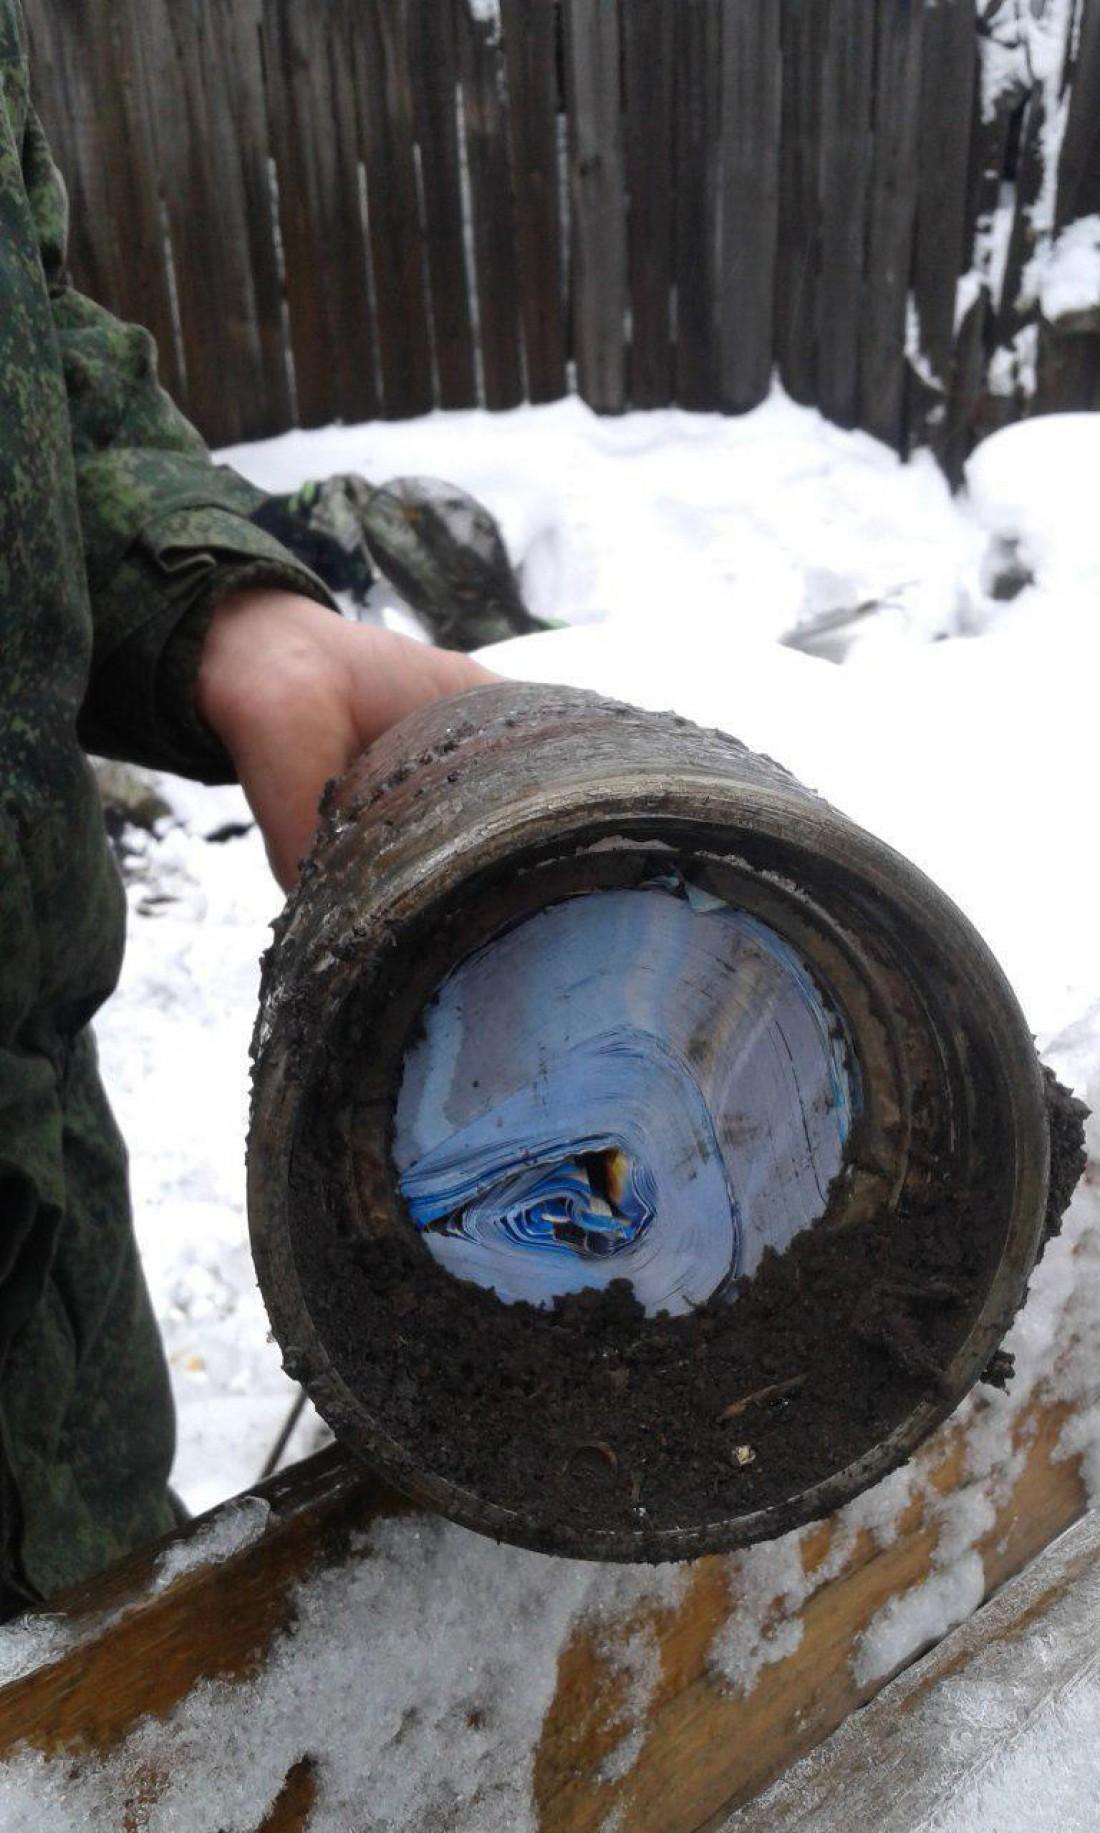 Снаряд не мог прилететь в таком виде, так как листовки должны были сгореть - InformNapalm